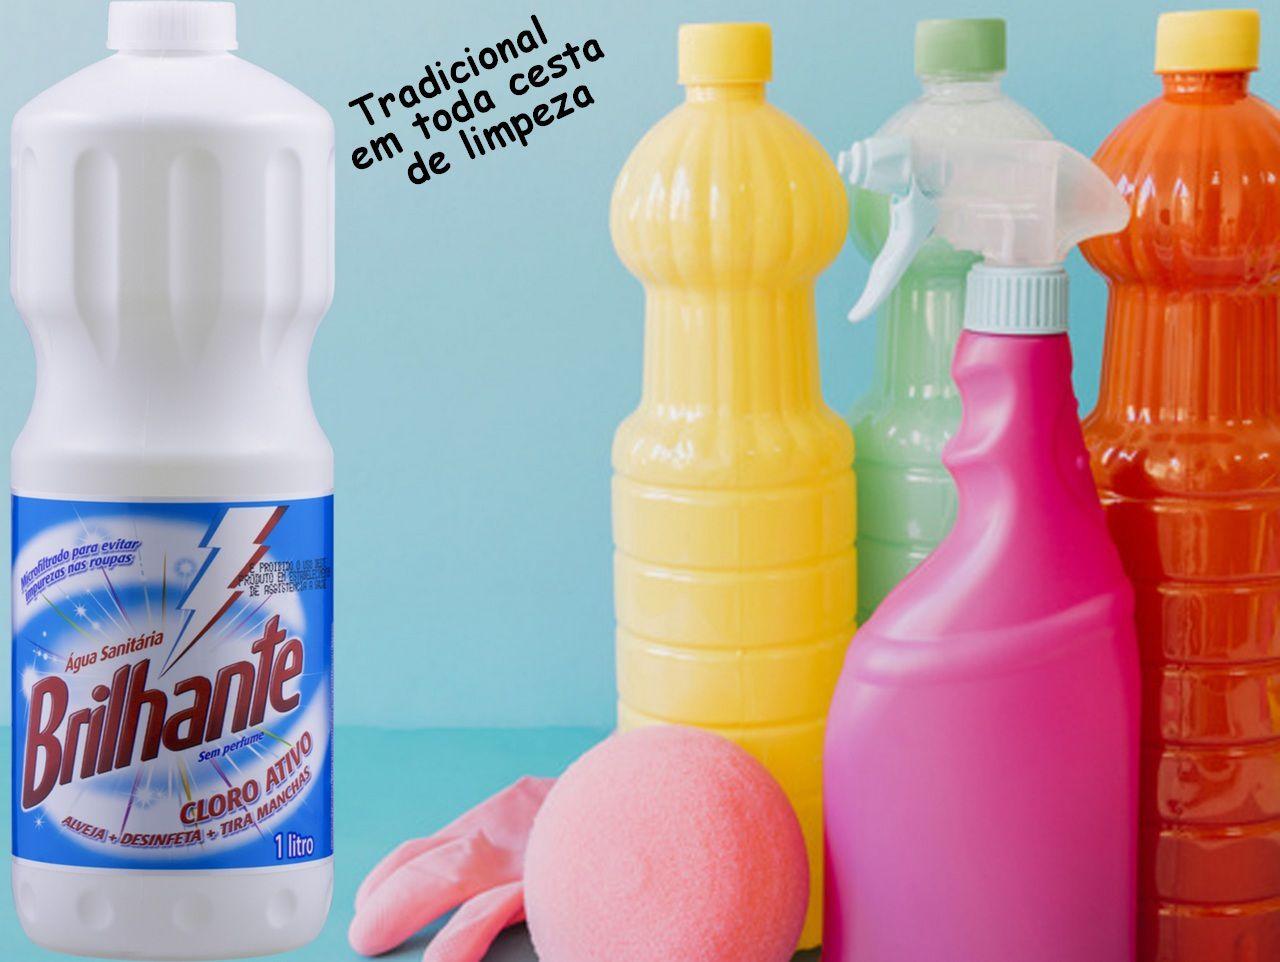 Água Sanitária Cloro Ativo 1 Litro Brilhante Alvejante Desinfetante Bactericida Tira Manchas Roupas Sem Perfume Higiene Limpeza Multiuso